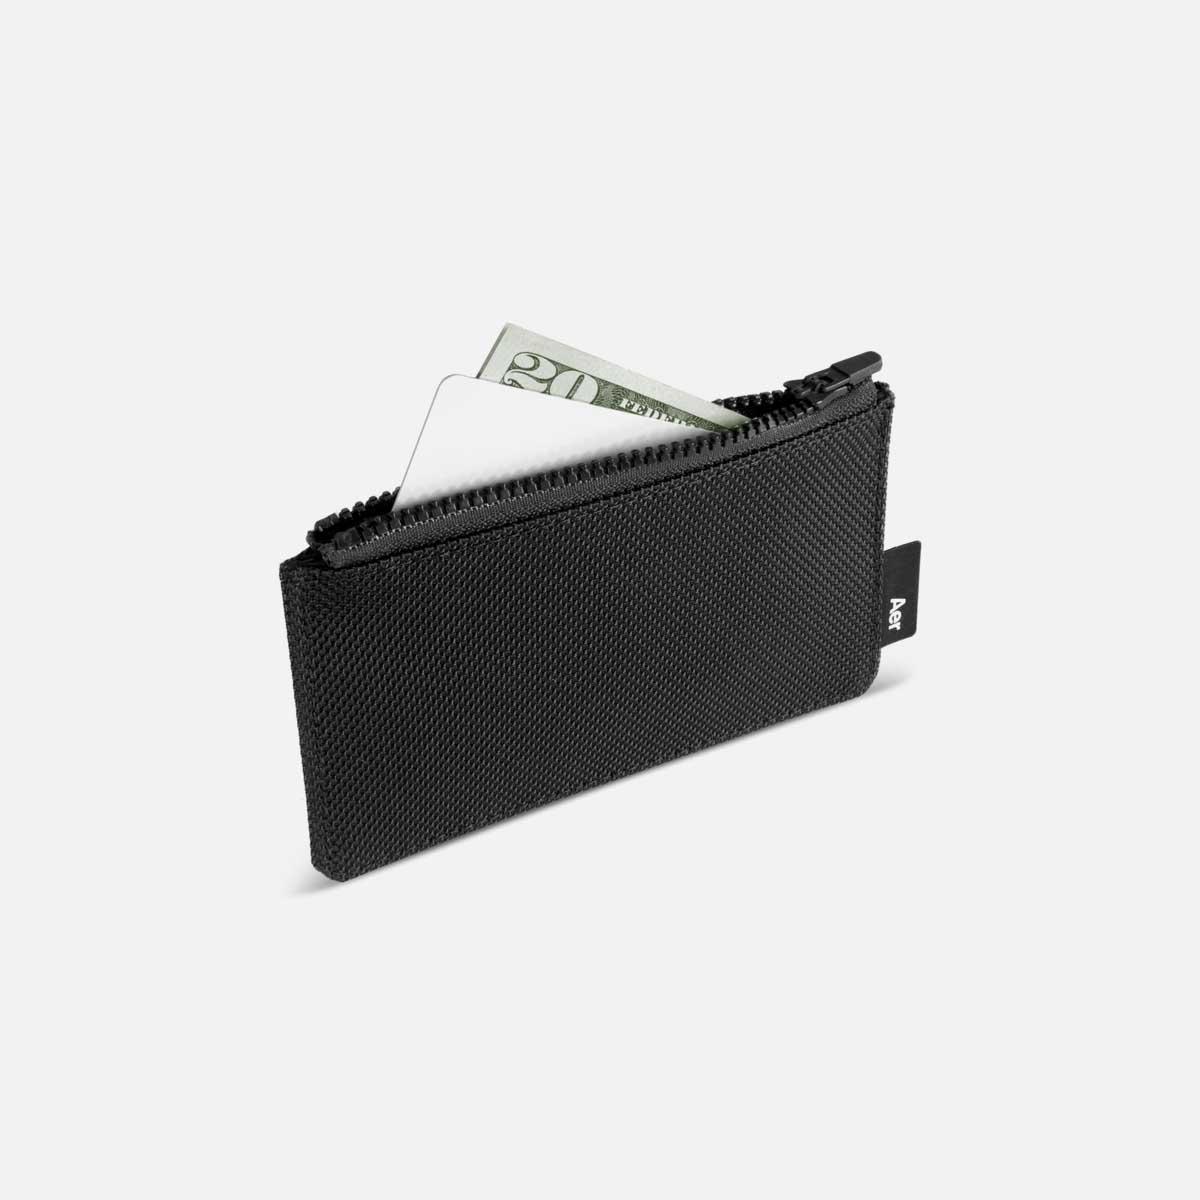 41004_cardholder_black_zipper.jpg